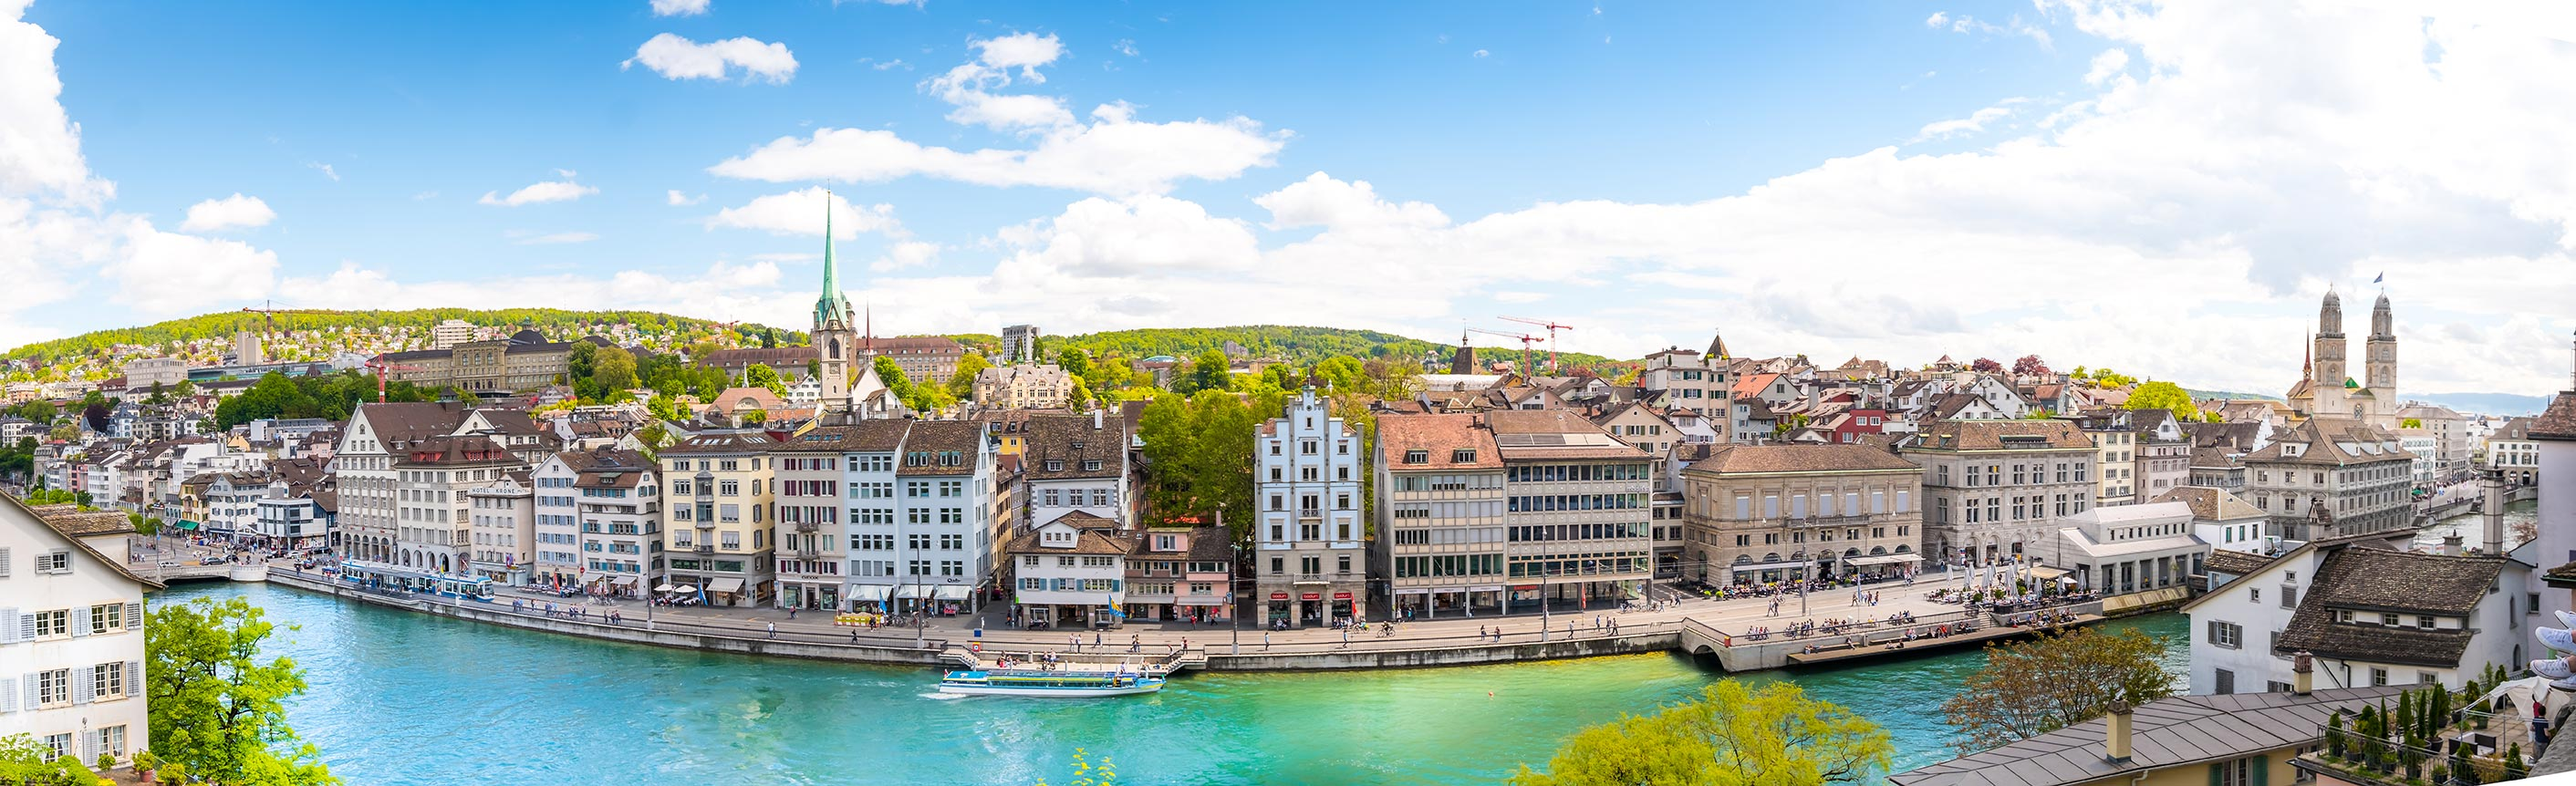 Lindenhof Panorama Zurich